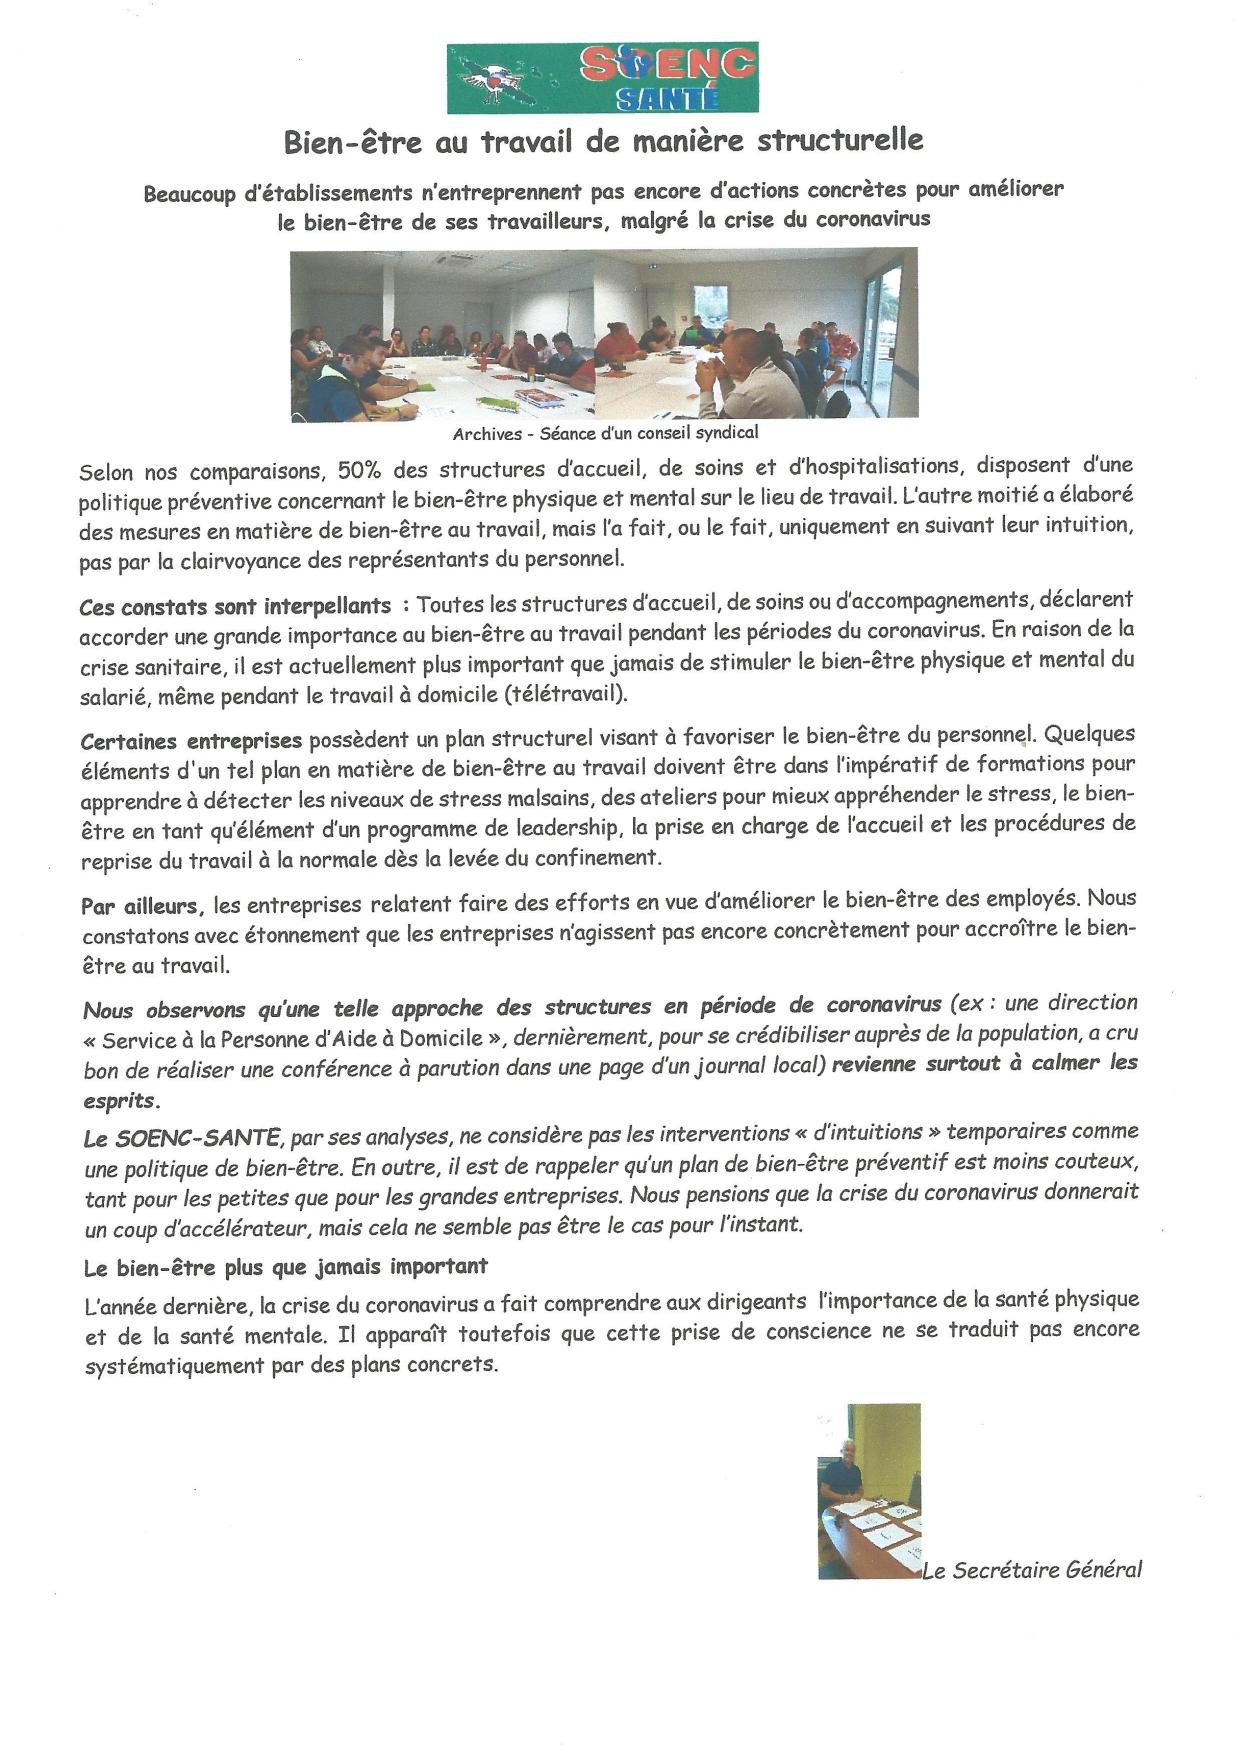 Information du SOENC Santé : «bien être au travail de manière structurelle»